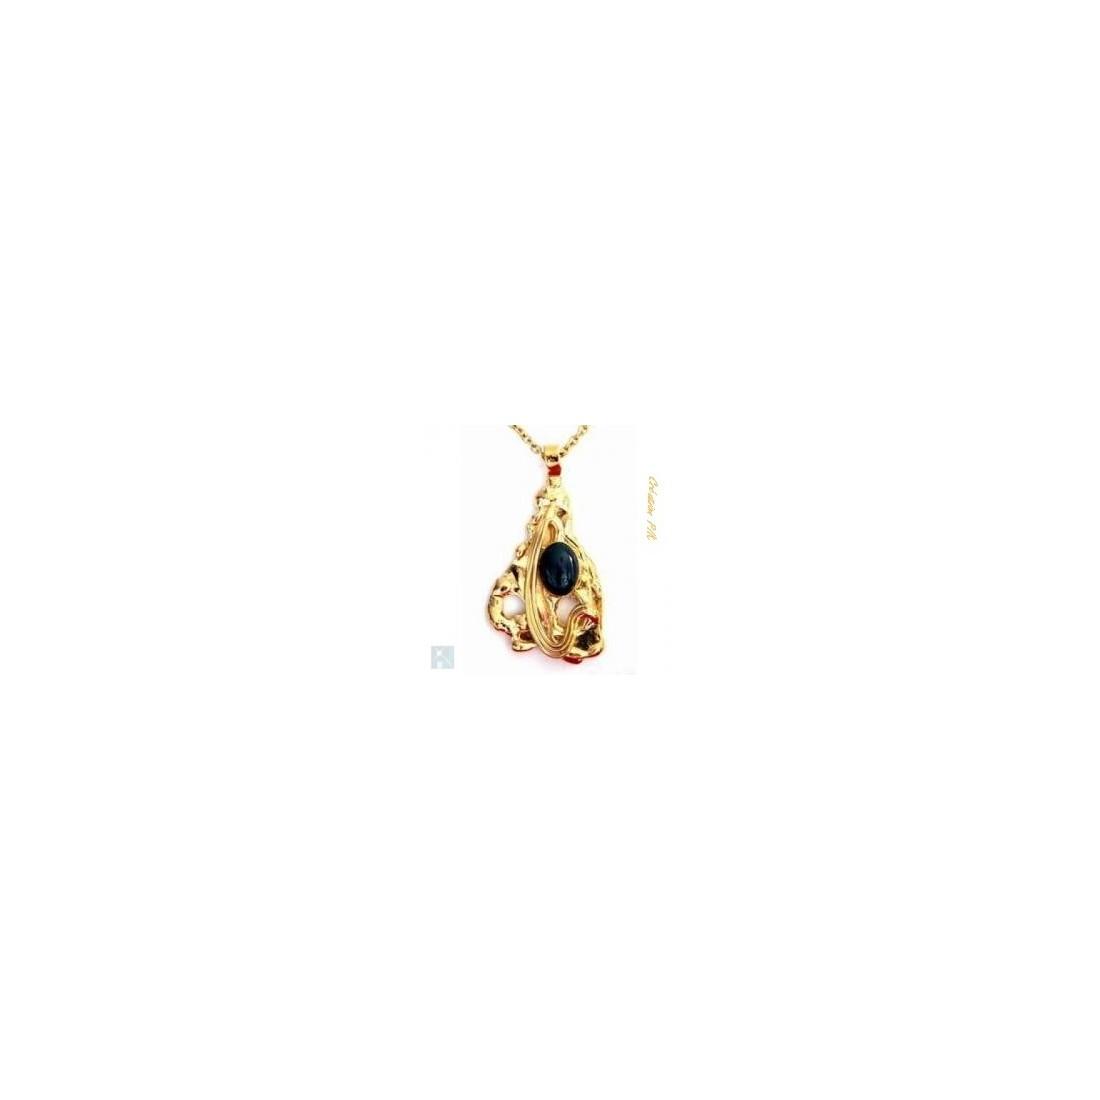 Pendentif doré avec une pierre semi-précieuse